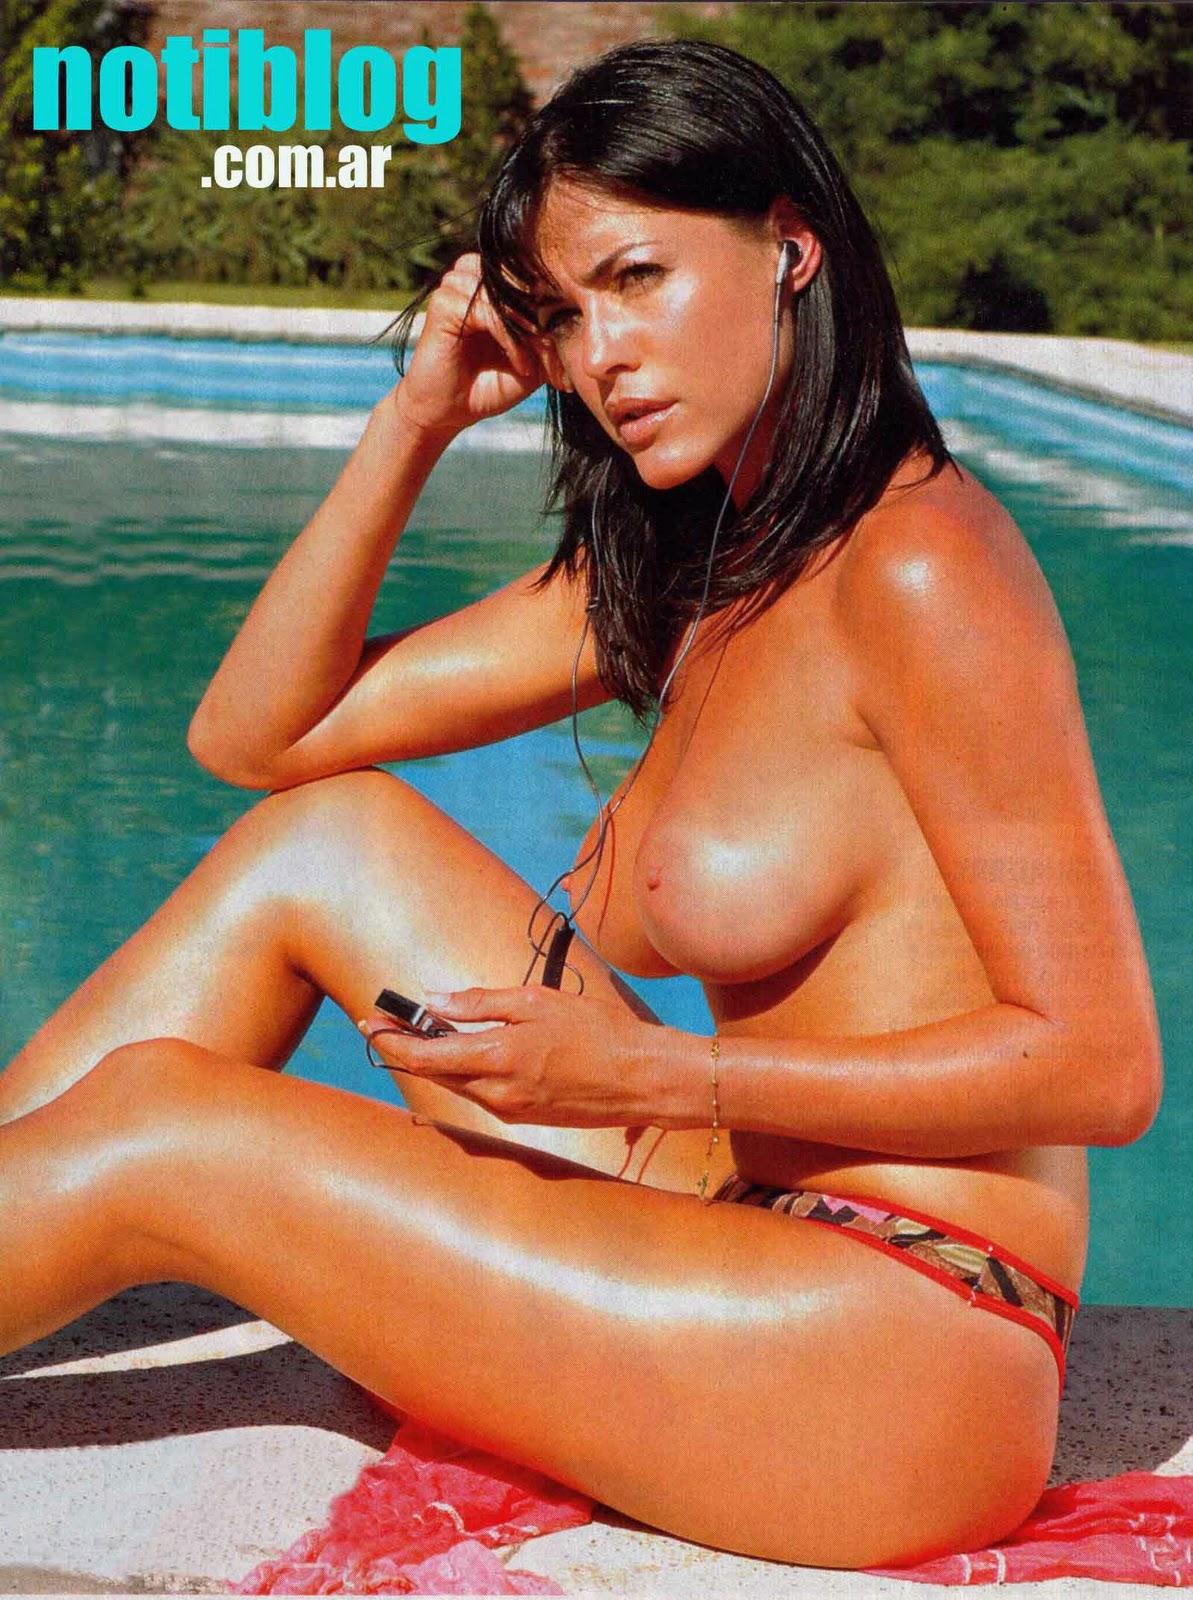 fotos de pamela david desnuda en playboy: